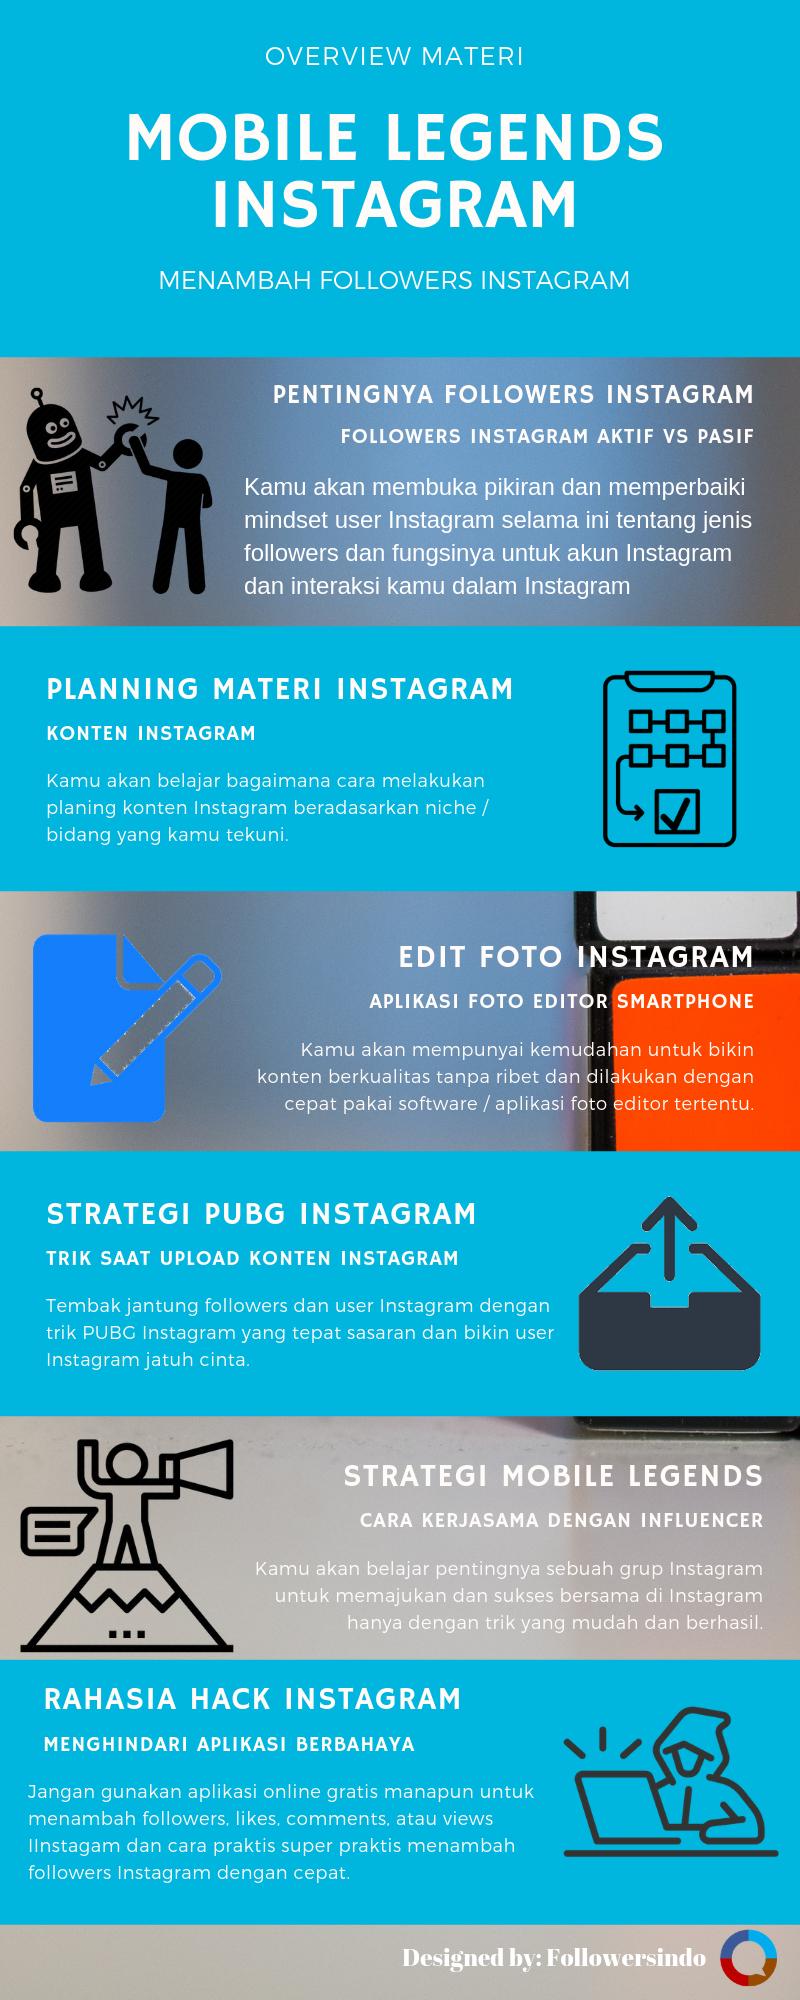 Overview Materi Trik Menambah Followers Instagram dengan Mobile Legends